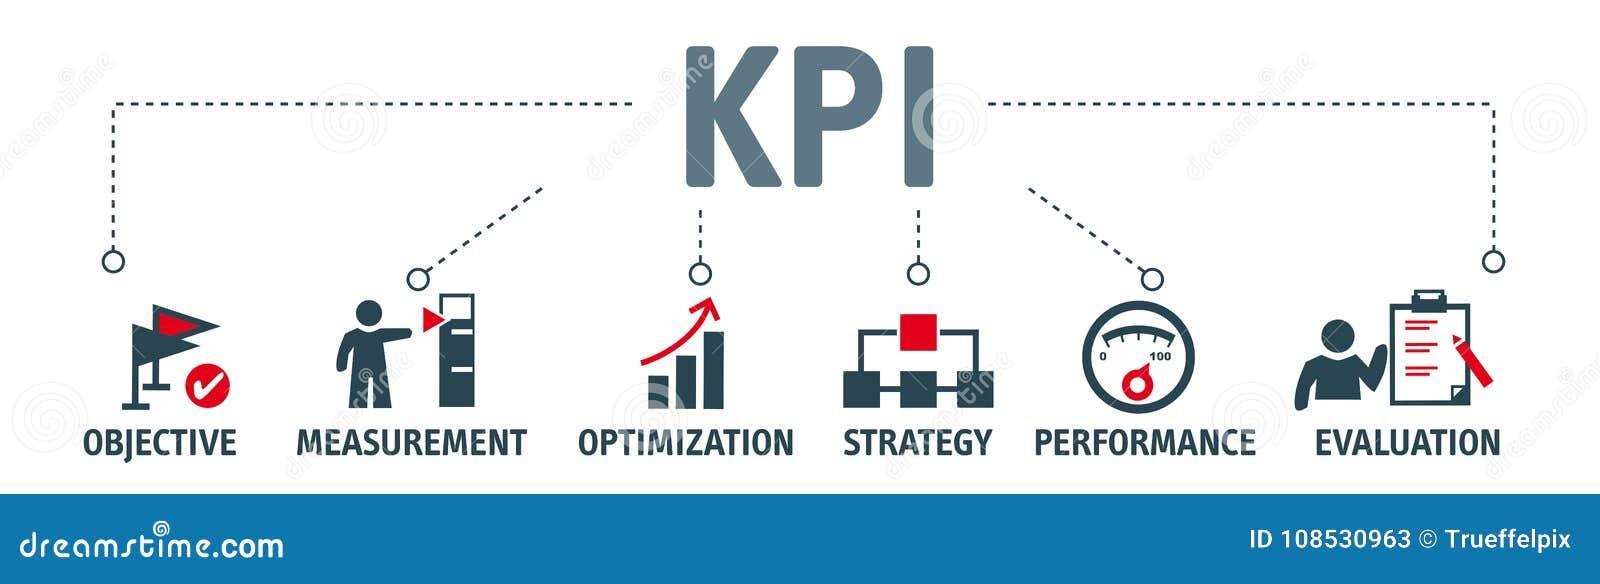 49a5536dc Conceito de KPI da bandeira com ícones Indicador de desempenho chave usando  o medidor da inteligência empresarial para medir a realização contra o alvo  de ...